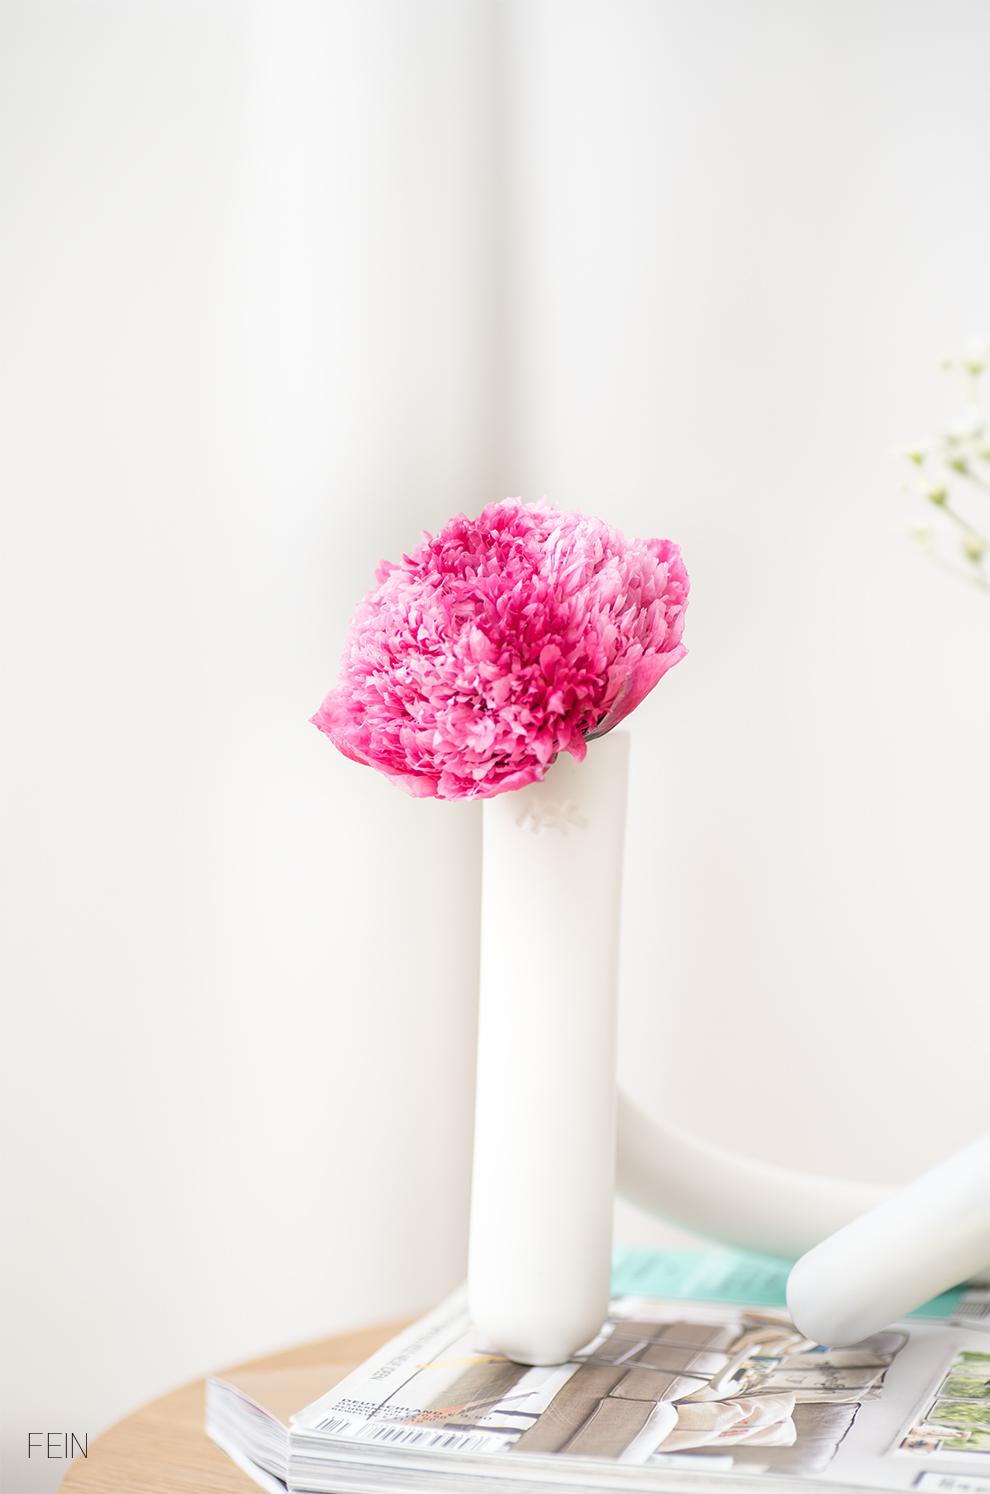 Sommerwiese Wohnzimmer Blumen